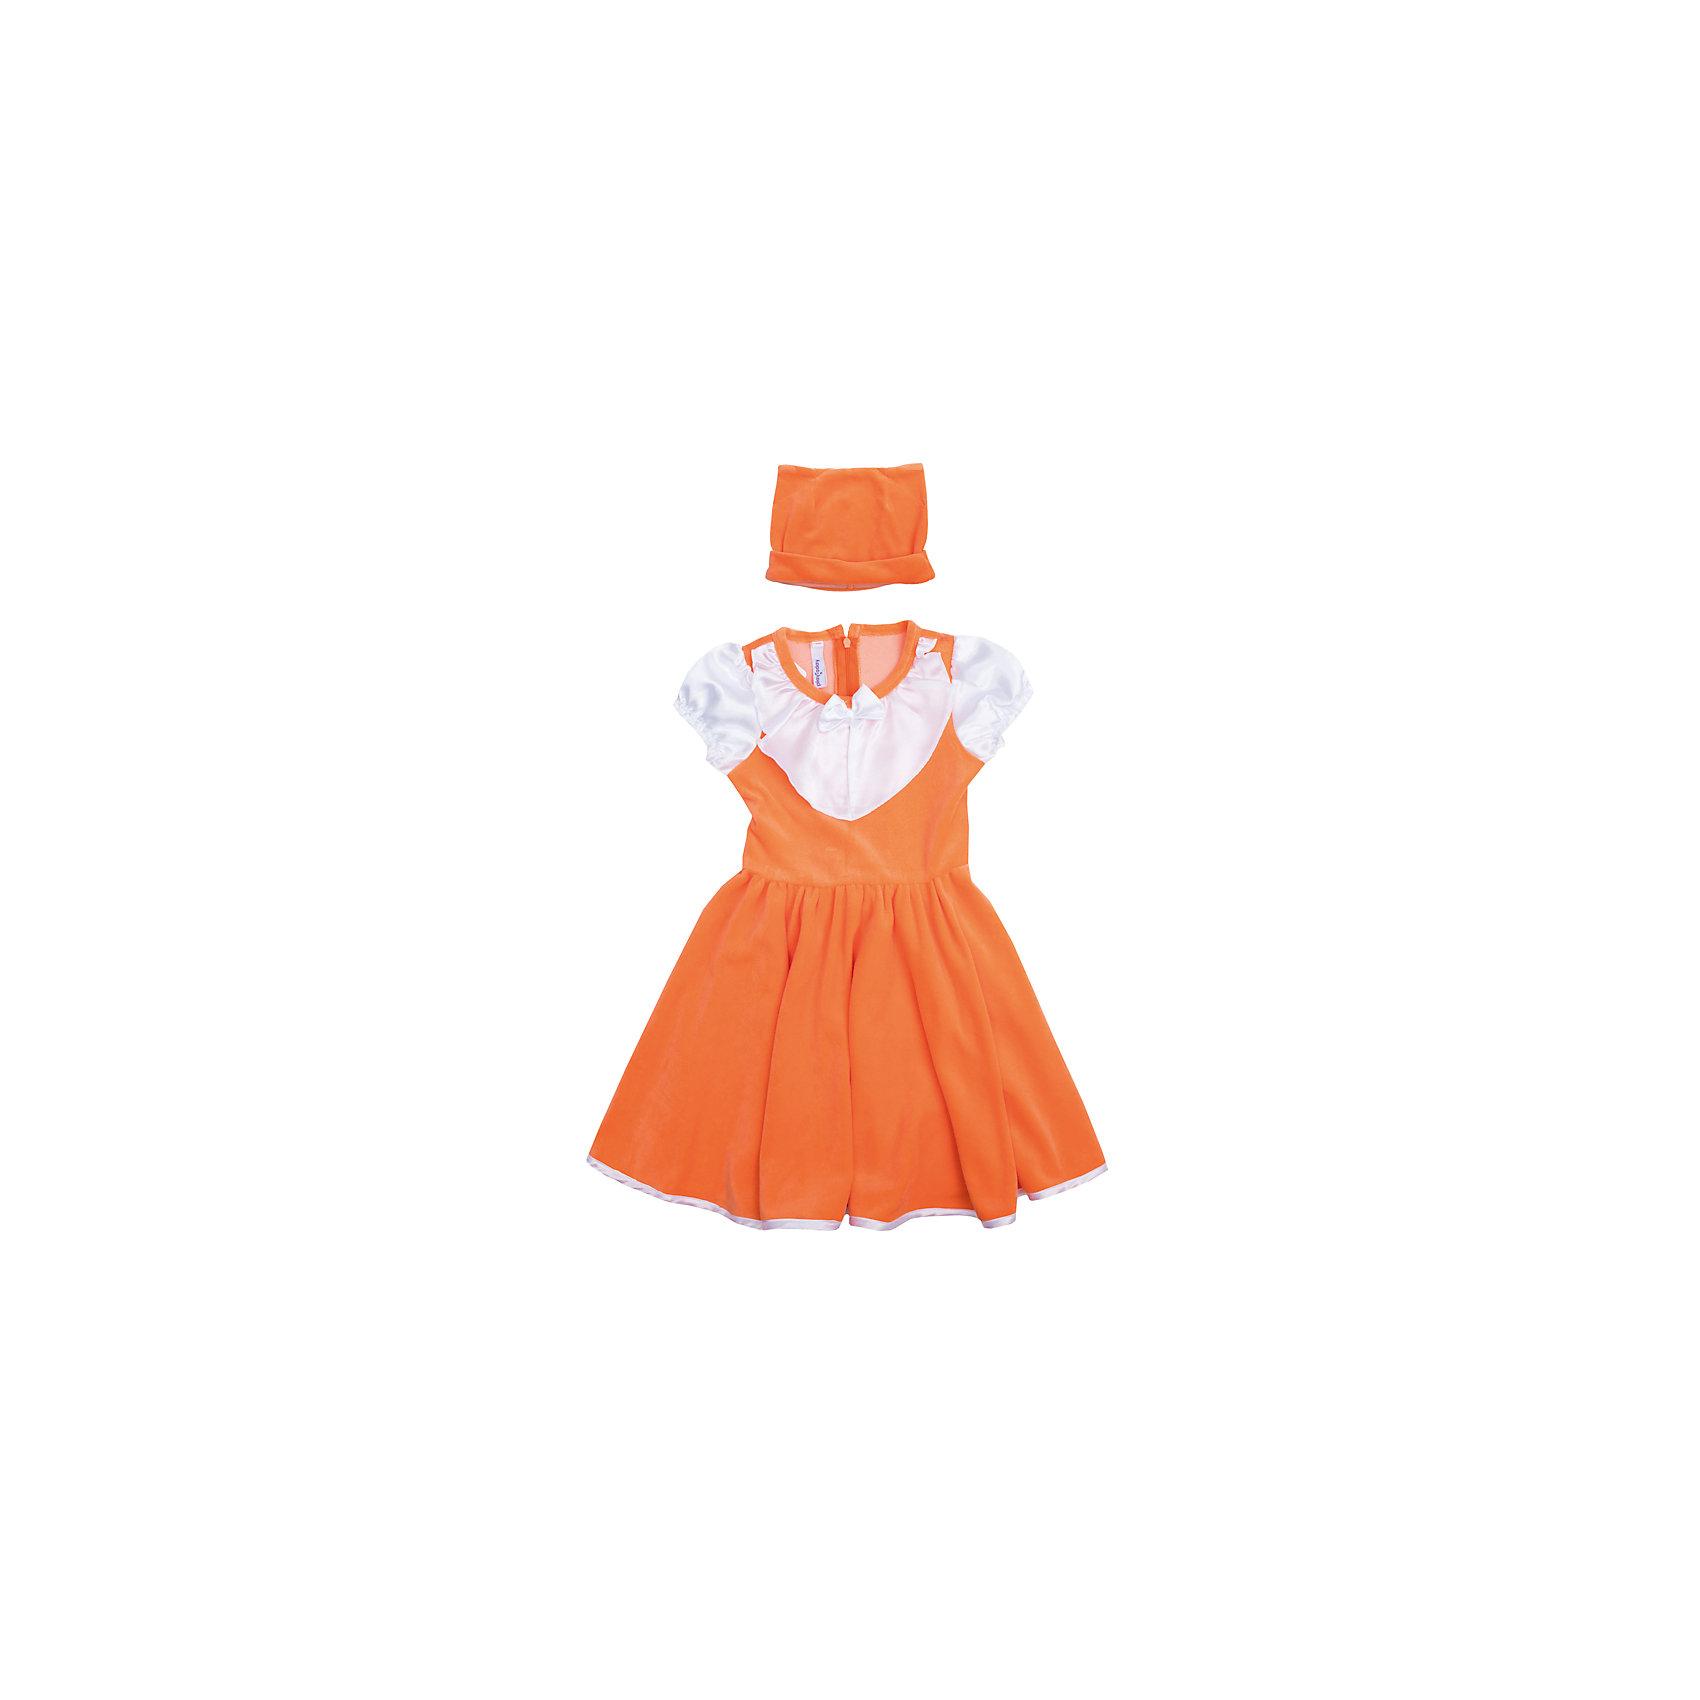 Нарядное платье для девочки PlayTodayОдежда<br>Платье для девочки от известного бренда PlayToday.<br>Платье с короткими рукавами.<br><br>Выполнено из нежного велюра. Полноценный костюм лисички, не уступающий в удобстве базовым хлопковым платьям. Контрастная сатиновая отделка рукавов и воротника создает эффект многослойности. Сзади пояс, чтобы завязать бант. Застегивается на потайную молнию на спине. <br><br>Модель дополнена шапкой с декоративными ушками.<br>Состав:<br>80% хлопок, 20% полиэстер<br><br>Ширина мм: 236<br>Глубина мм: 16<br>Высота мм: 184<br>Вес г: 177<br>Цвет: оранжевый<br>Возраст от месяцев: 72<br>Возраст до месяцев: 84<br>Пол: Женский<br>Возраст: Детский<br>Размер: 122,104,128,110,116,98<br>SKU: 5113891